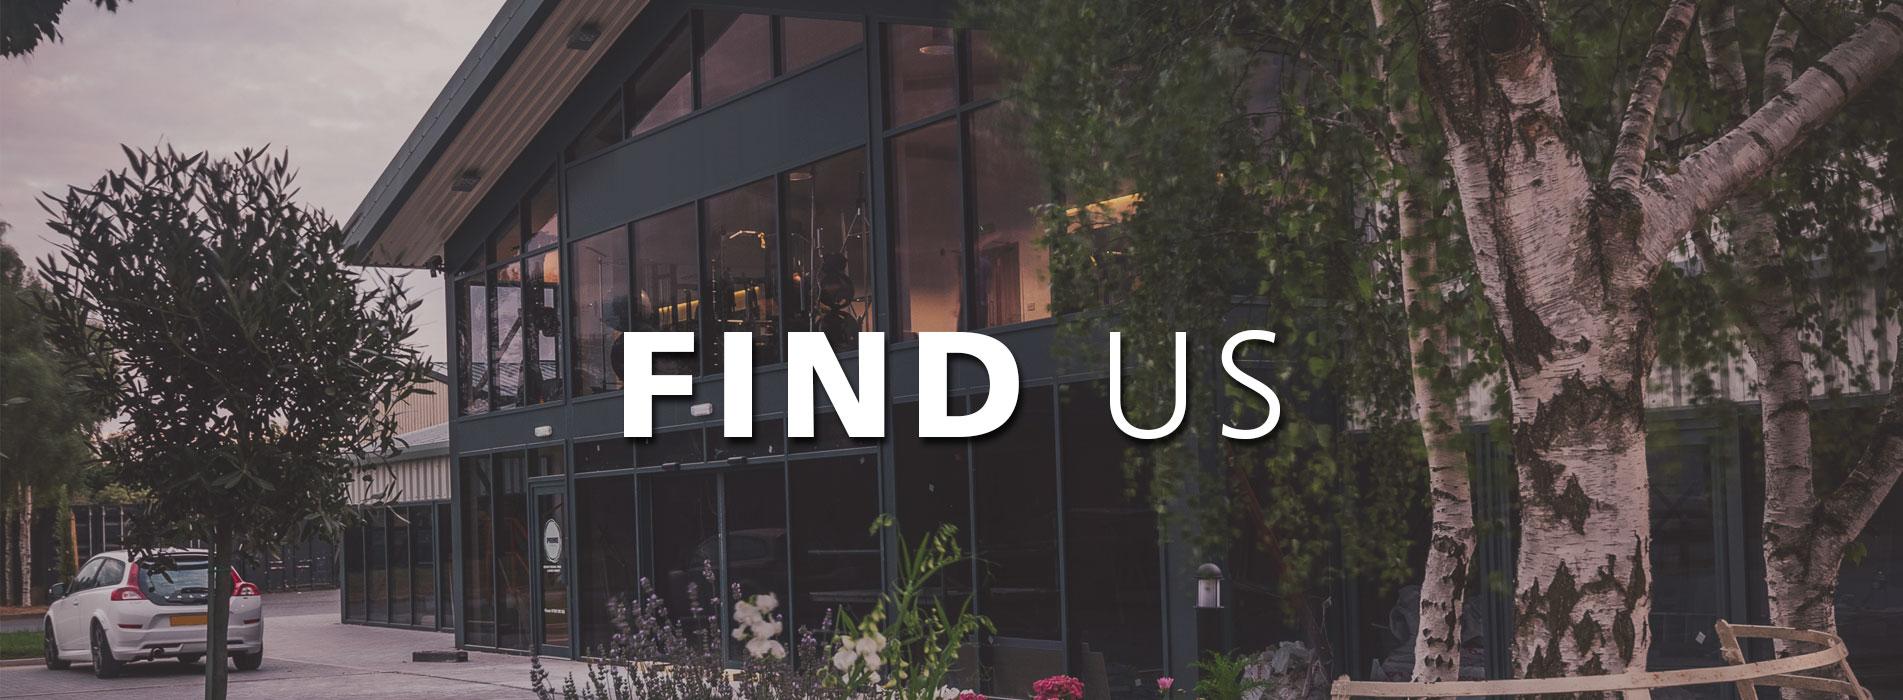 FIND-US-mobile-4